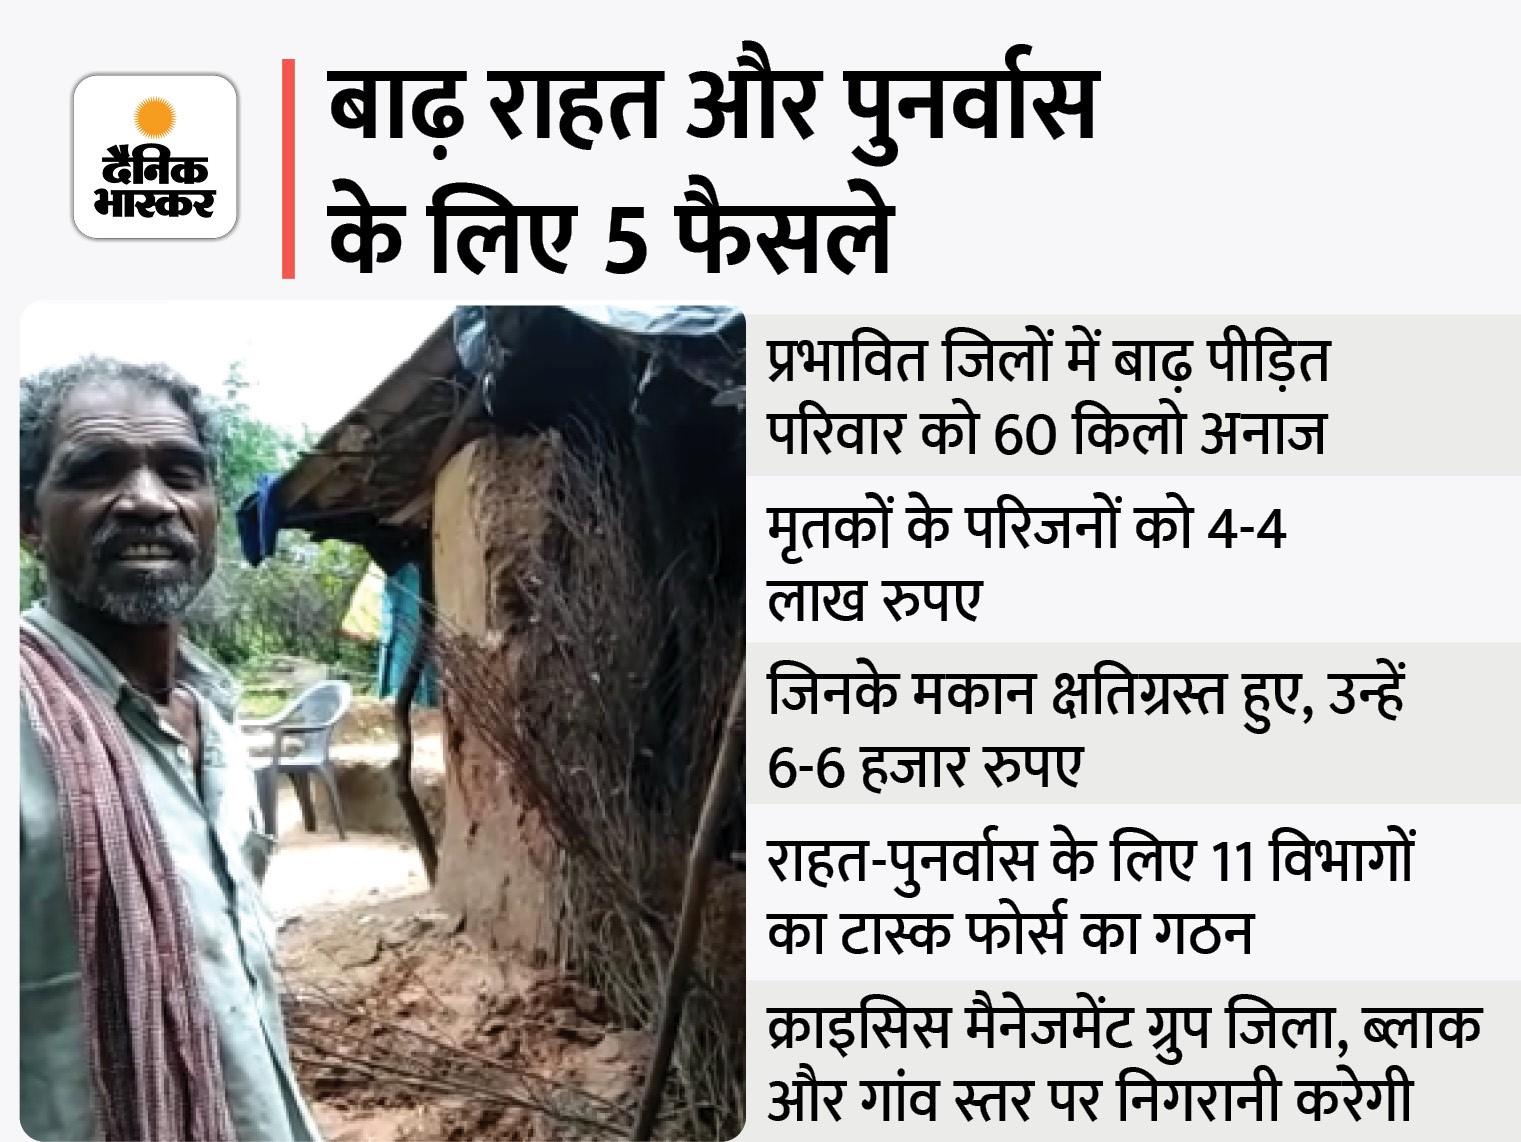 CM शिवराज बोले- बाढ़ के कारण अभी तबादले नहीं होंगे, नई तारीख जल्द बताएंगे; बाढ़ में मरने वालों के परिजनों को 4-4 लाख की सहायता देंगे|मध्य प्रदेश,Madhya Pradesh - Dainik Bhaskar